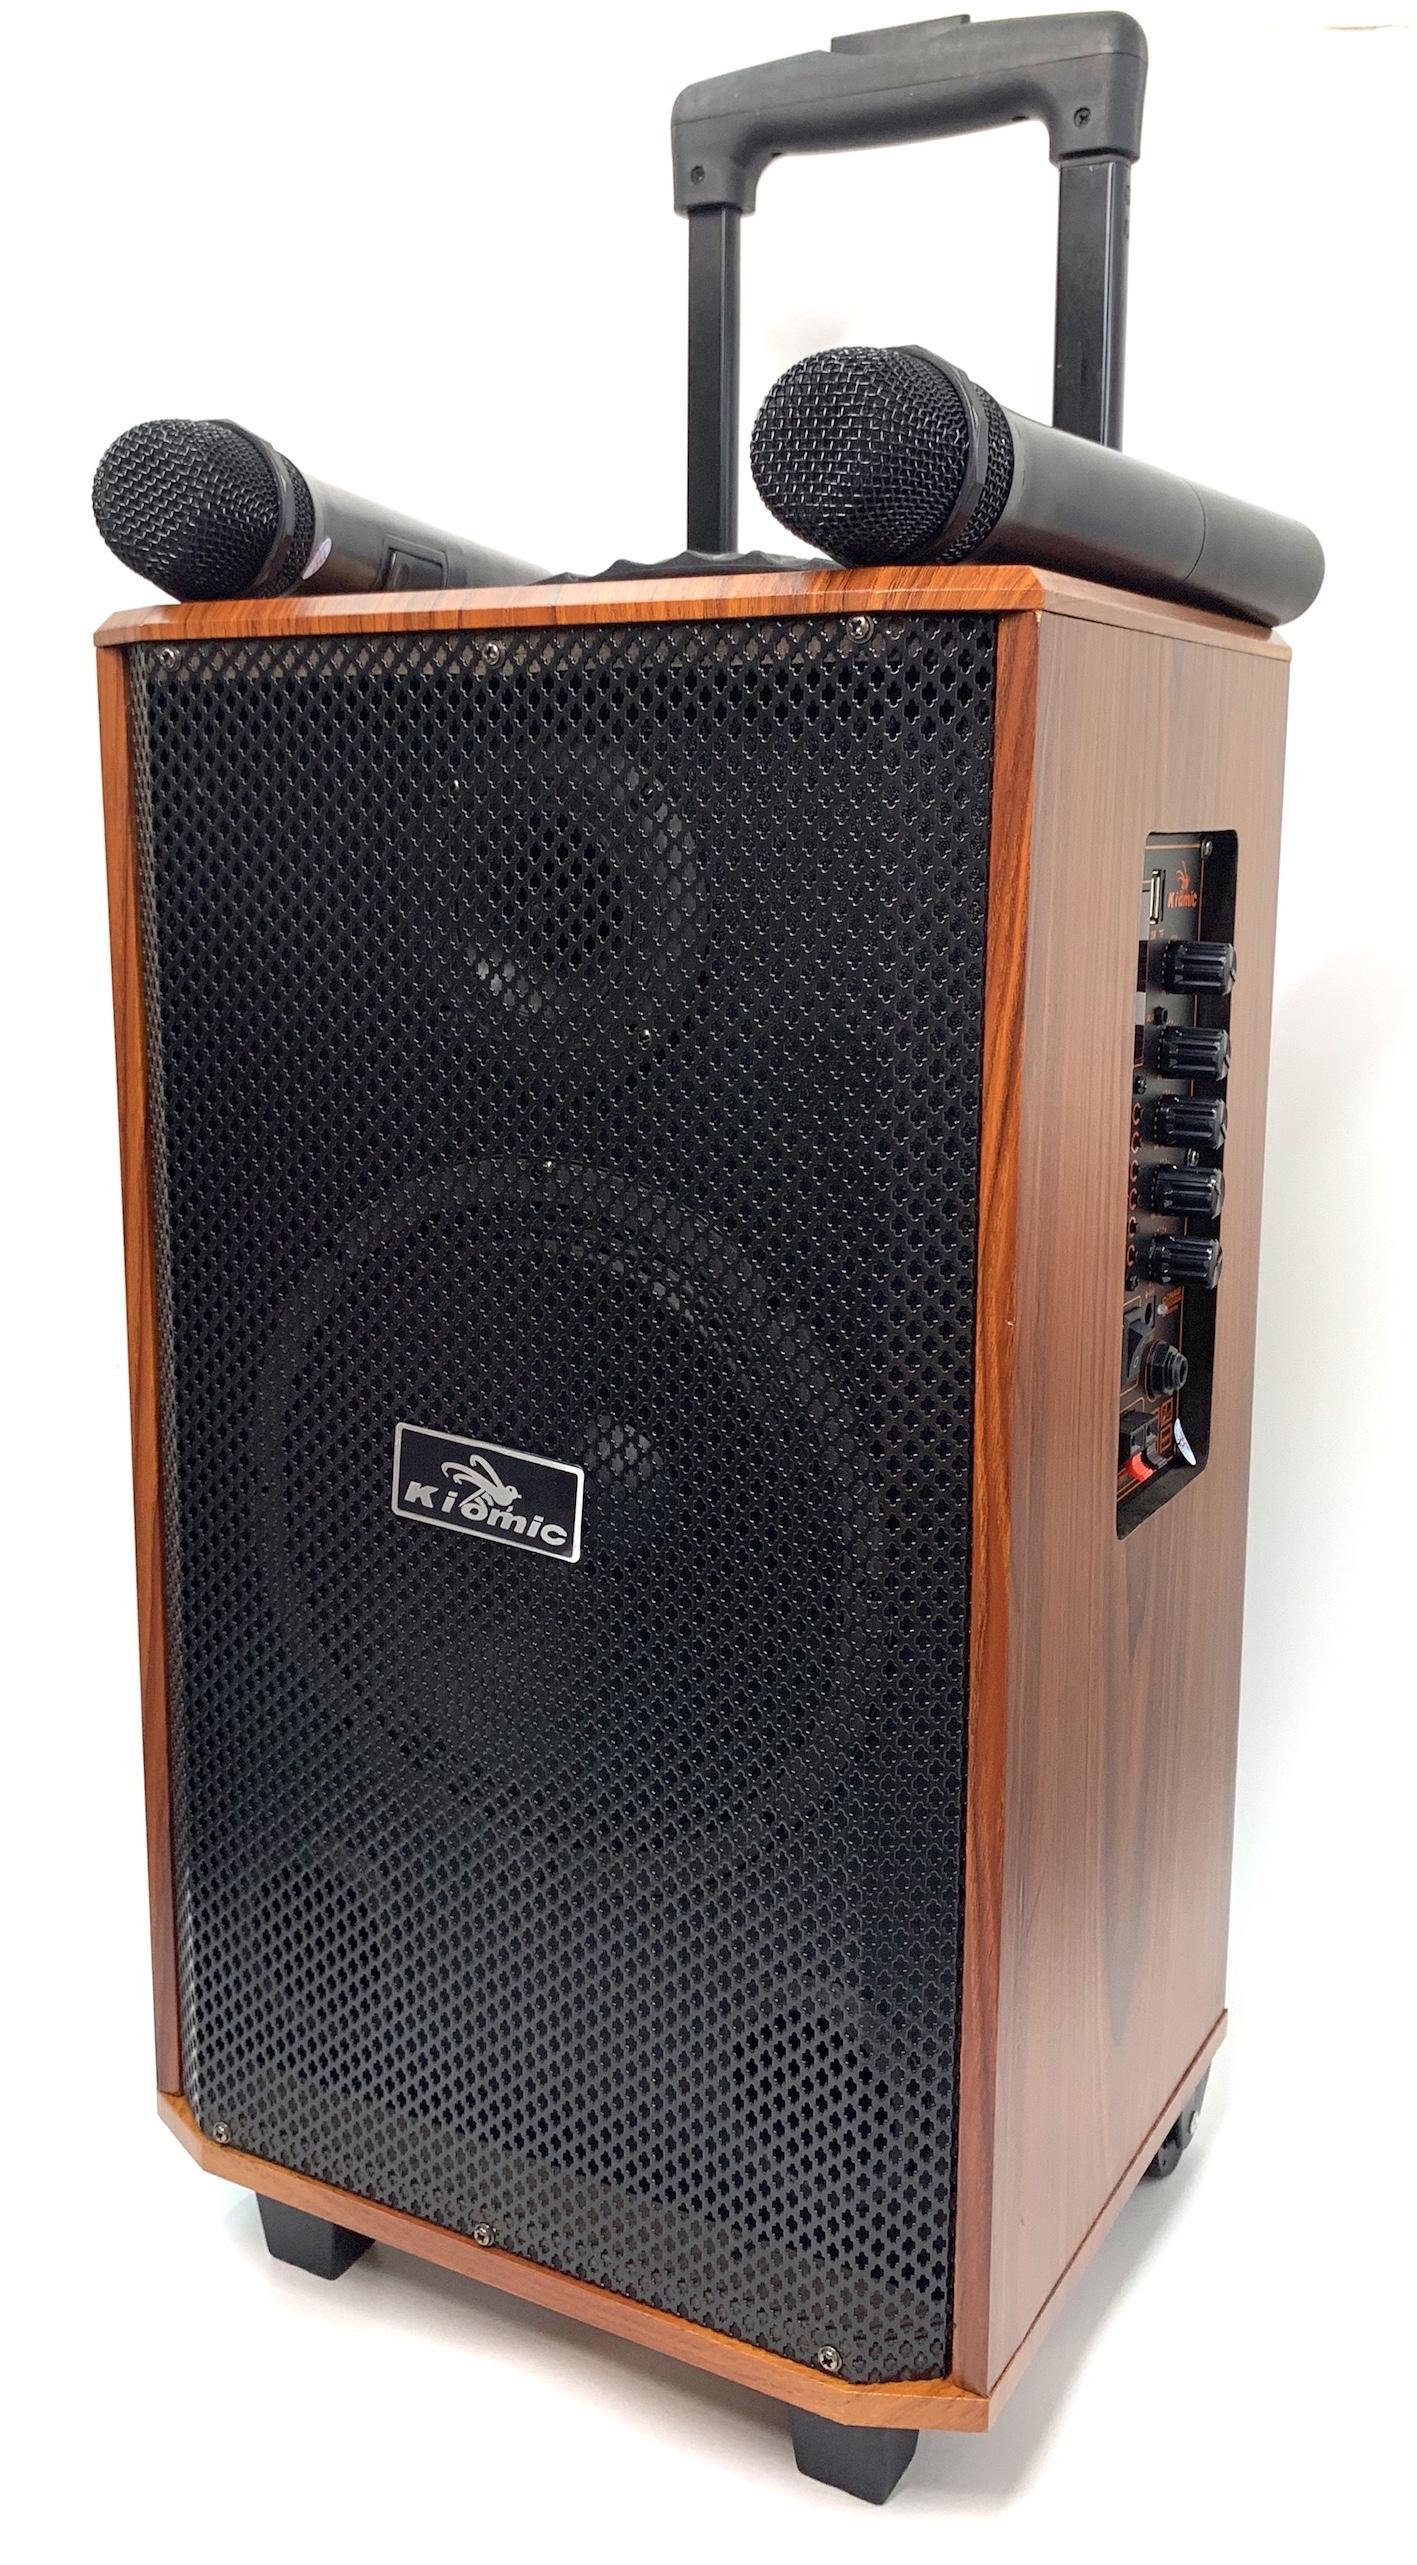 Loa Vali Kéo Di Động Tặng Kèm 2 Micro Không Dây Karaoke Bluetooth K88 K89 Âm Thanh Siêu Đỉnh 200W